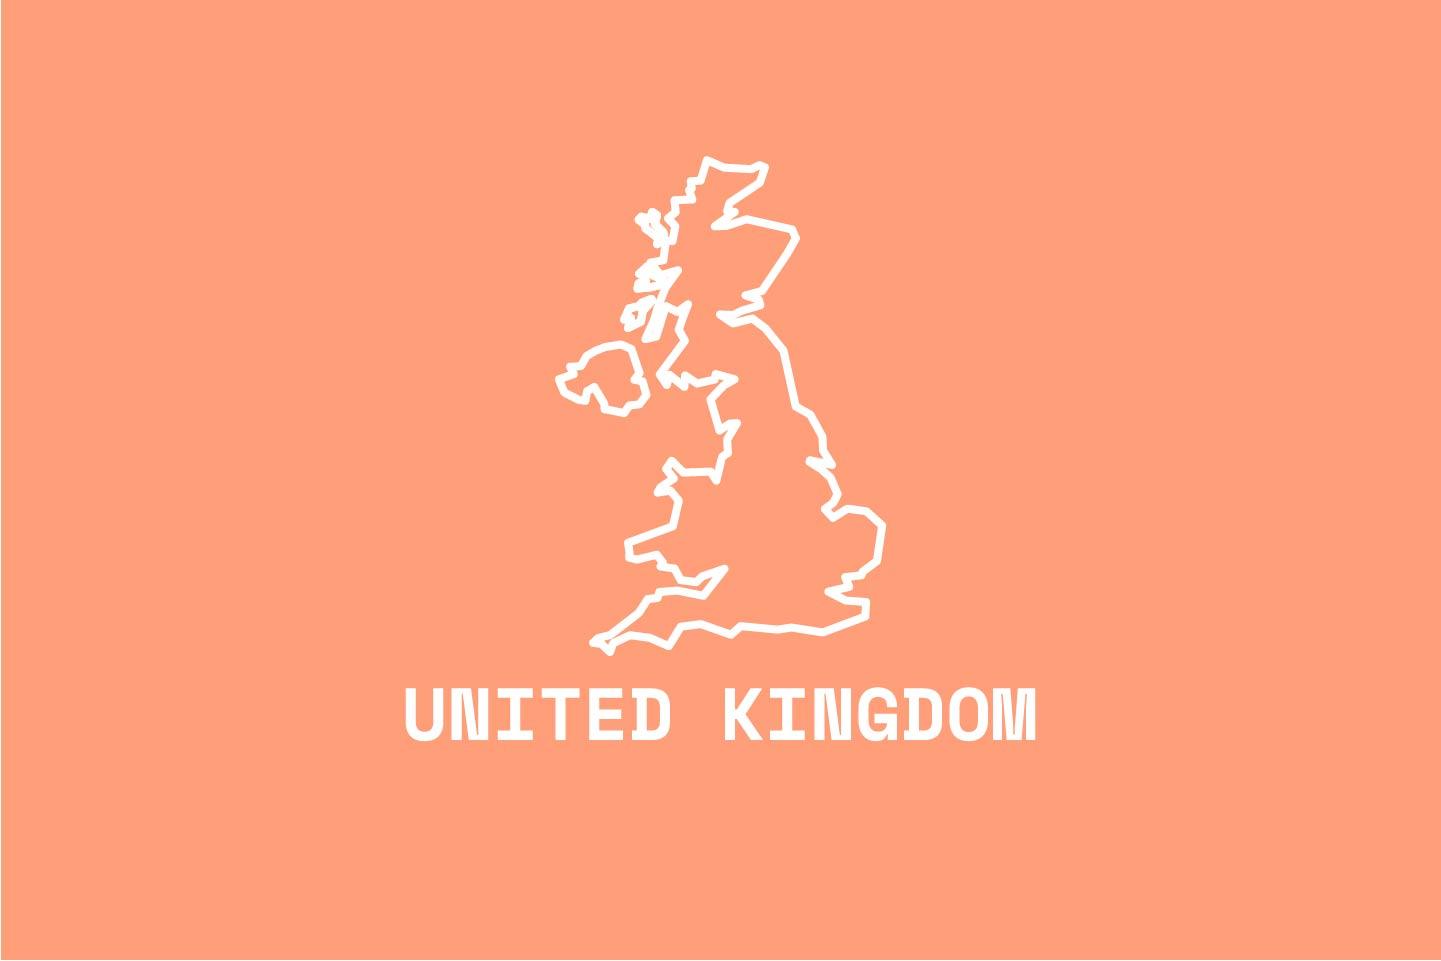 En el Reino Unido